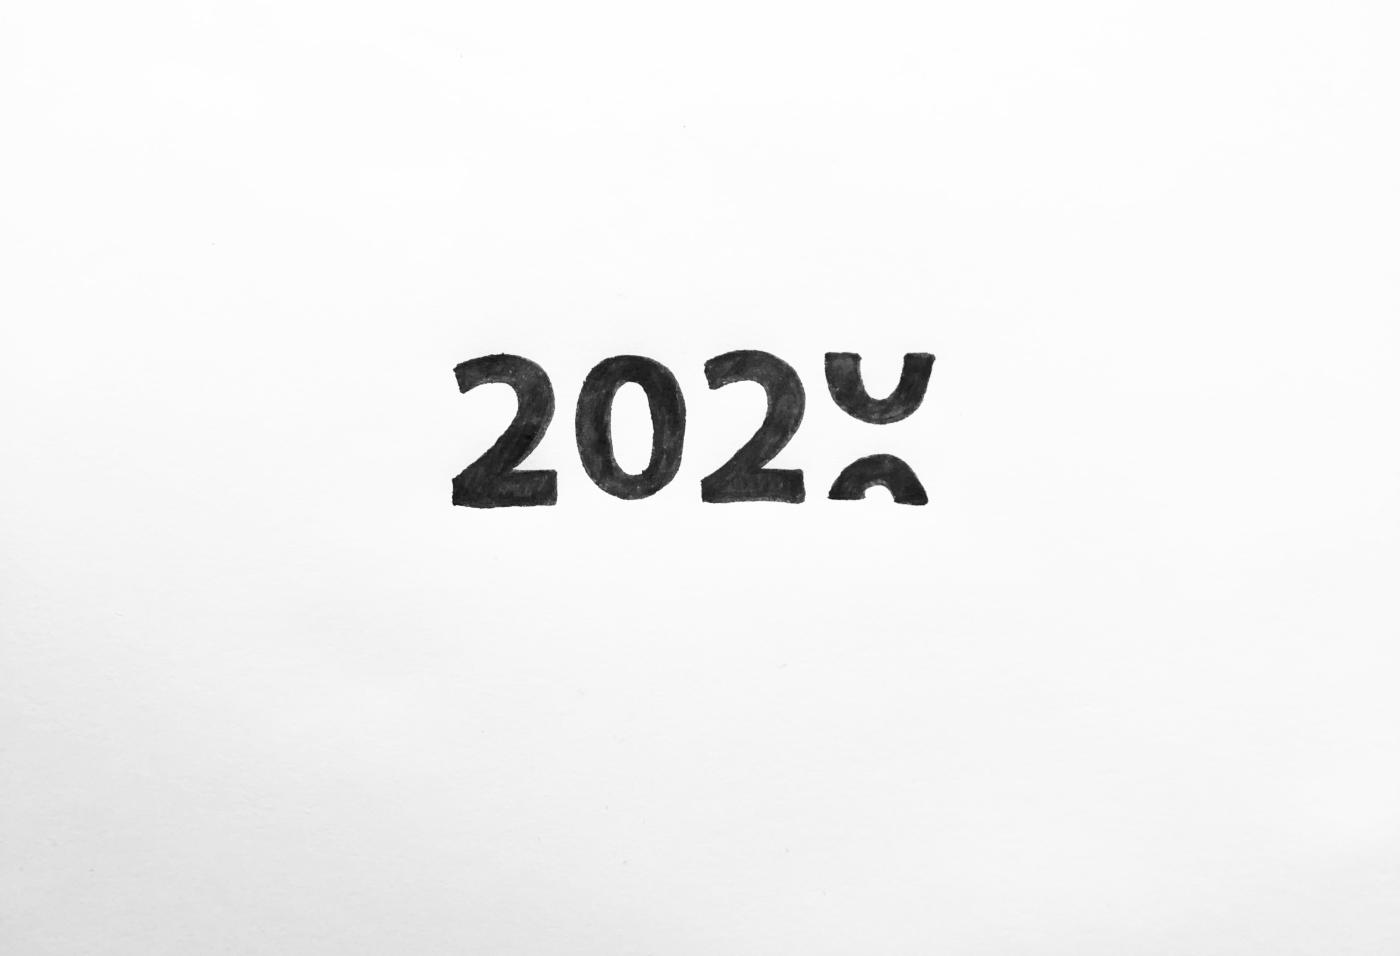 Kétezerhúsz. Maradhat? – Kulturális politikai évértékelő